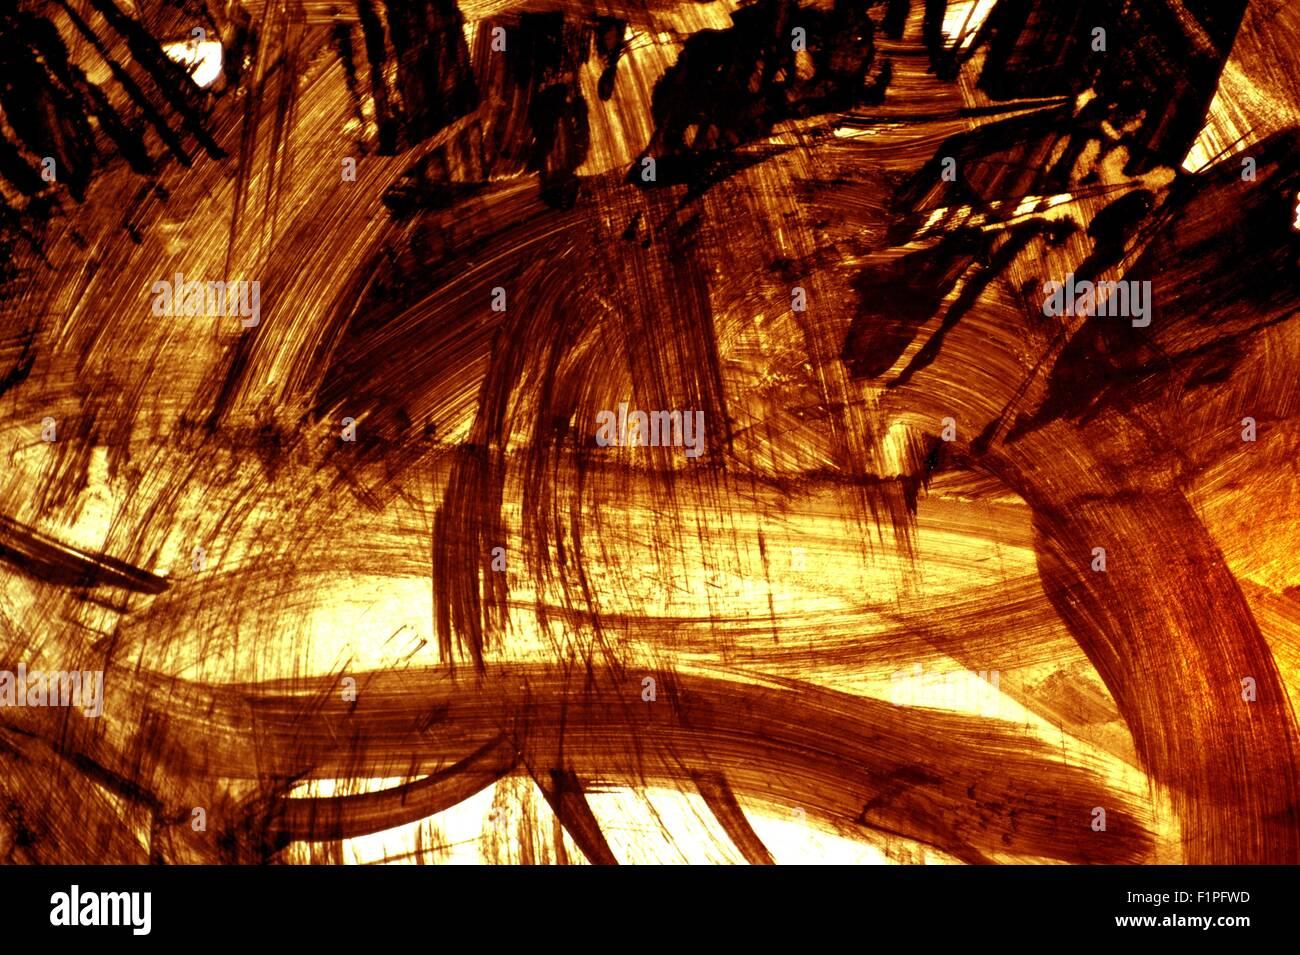 Fire Smudges. Grunge Burning Background. Paint Brushes - Stock Image